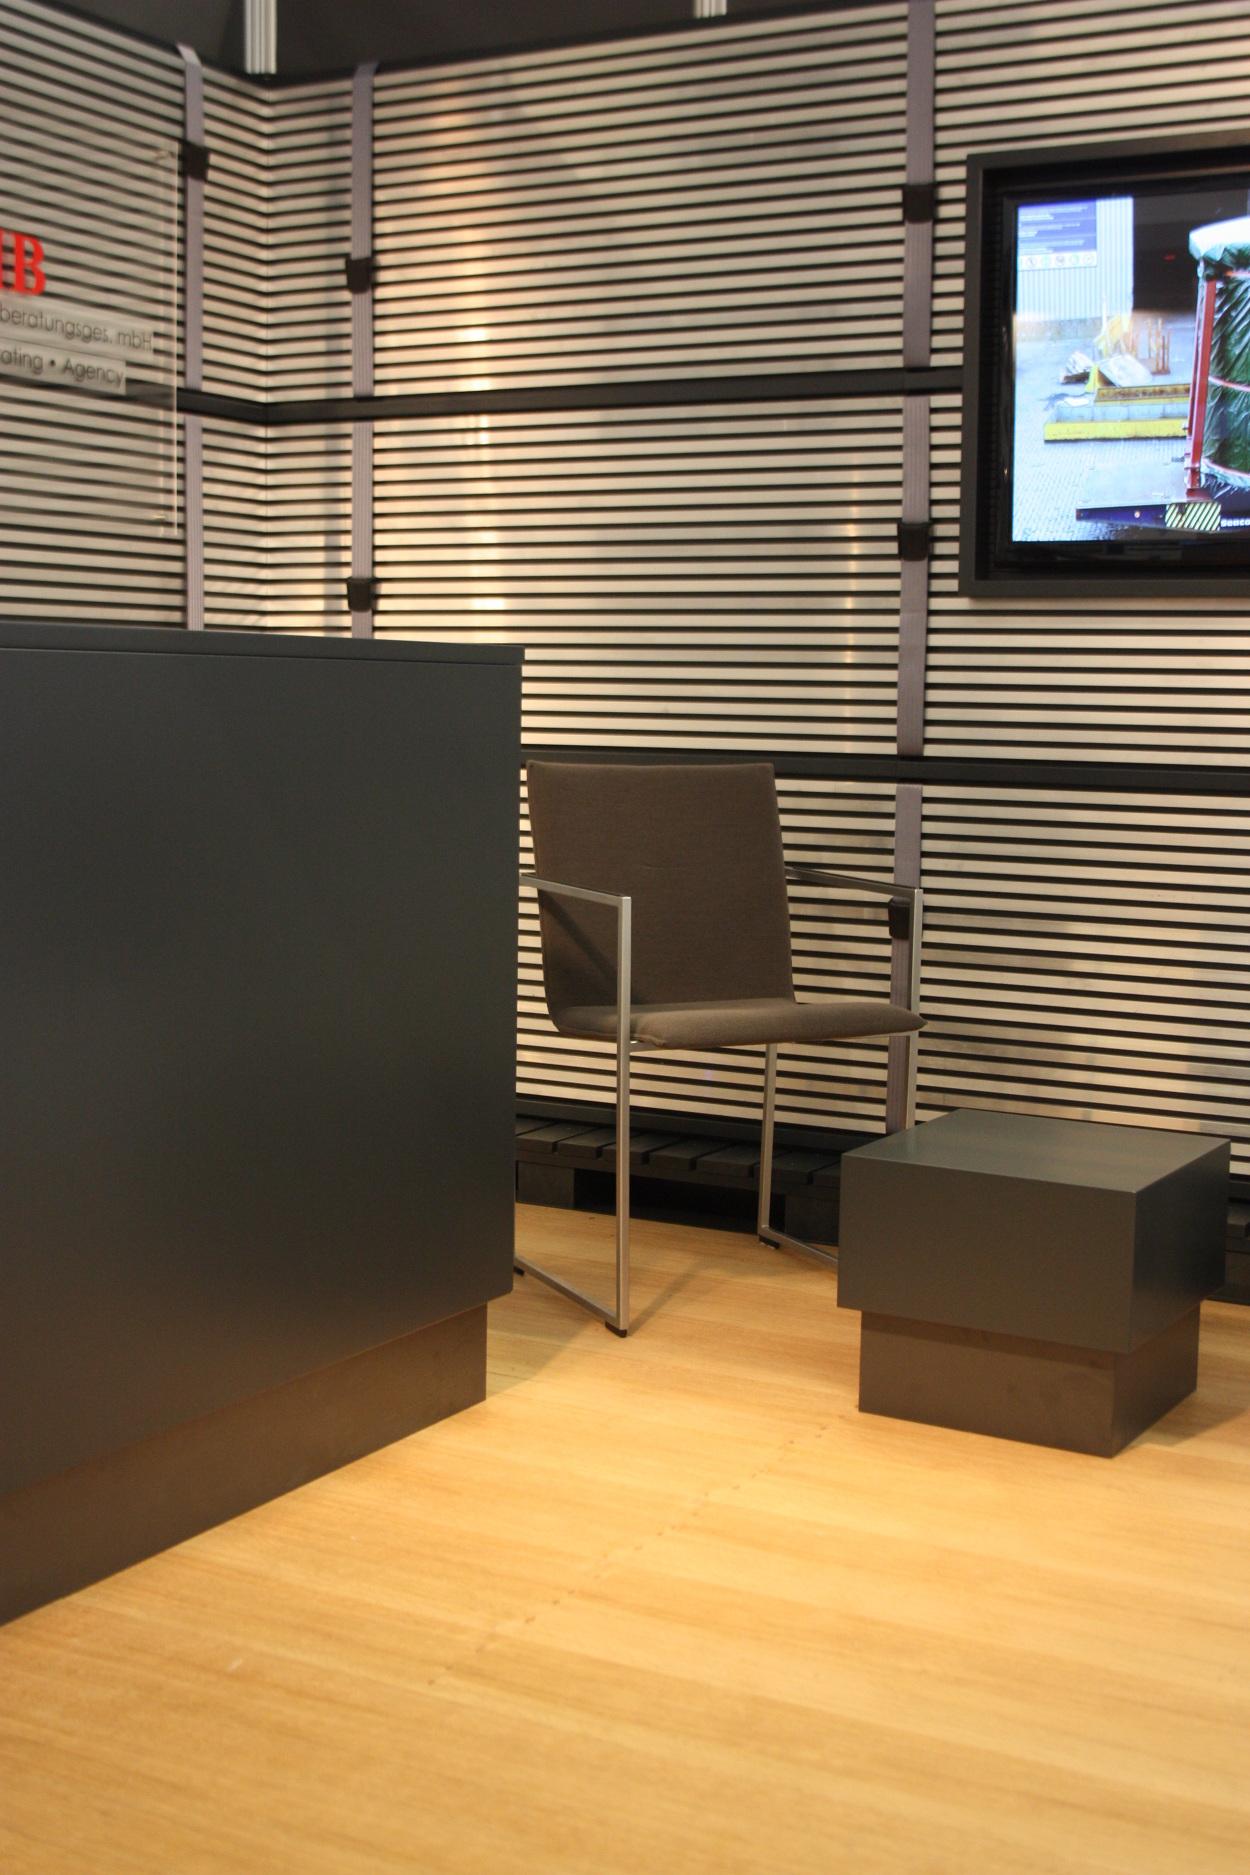 carl polzin tradeshow booth neulant van exel. Black Bedroom Furniture Sets. Home Design Ideas